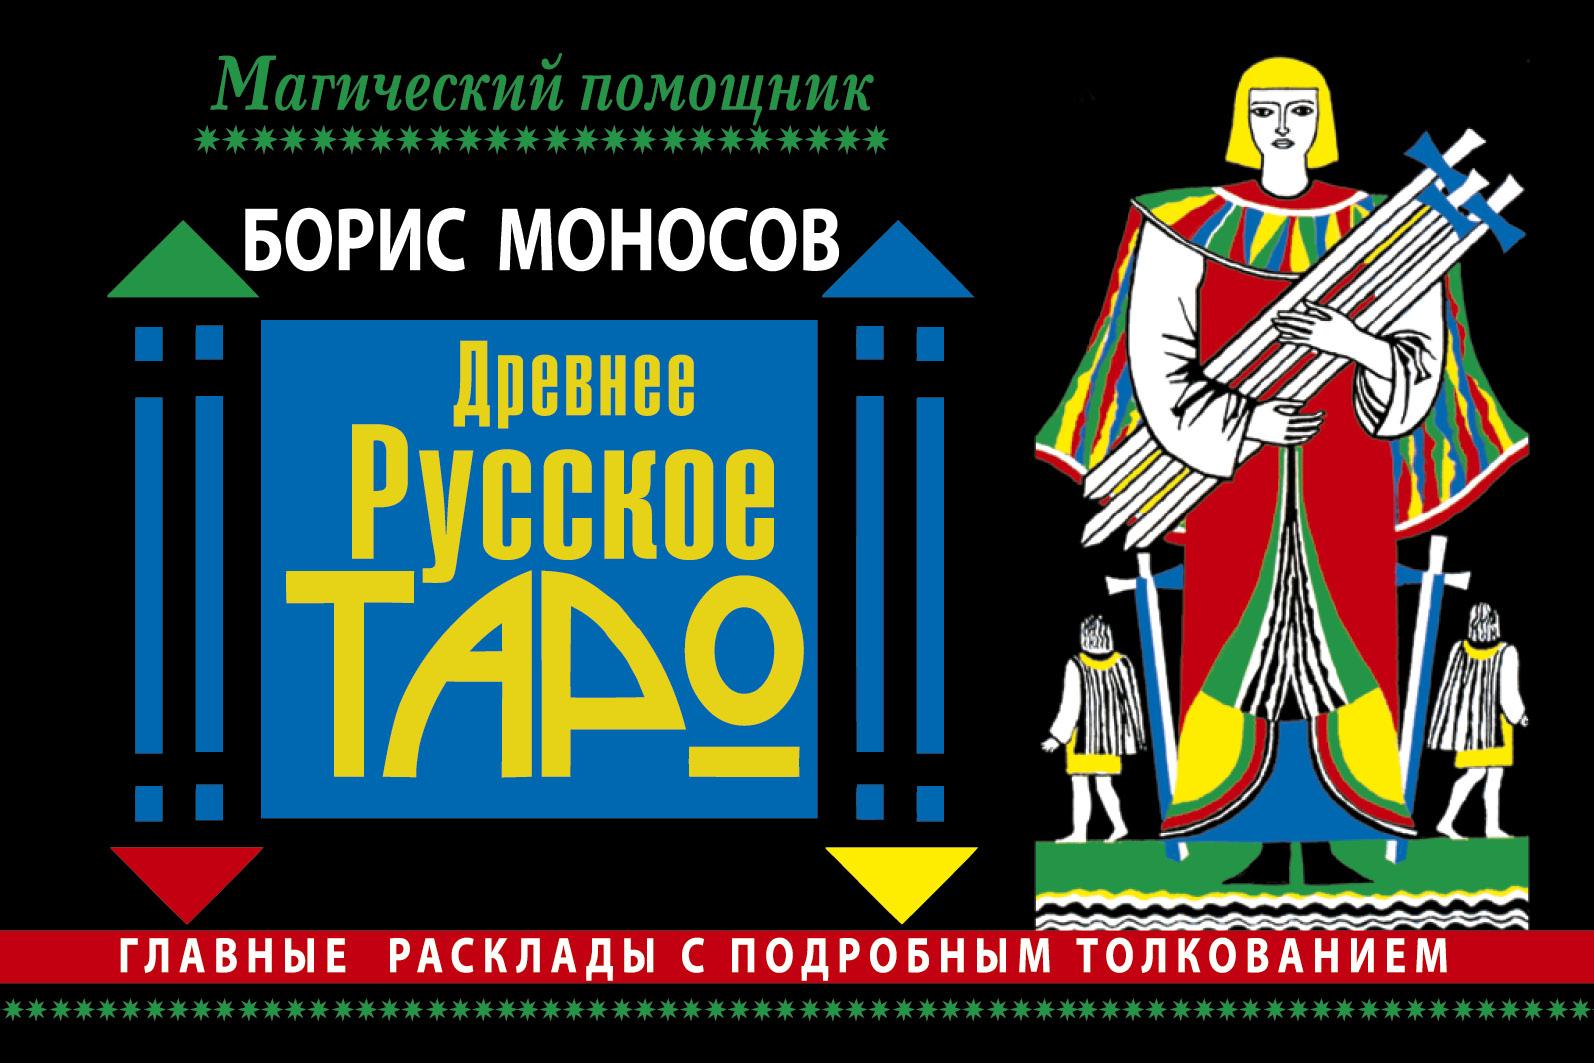 Моносов Б.М. Древнее русское таро. Главные расклады с подробным толкованием